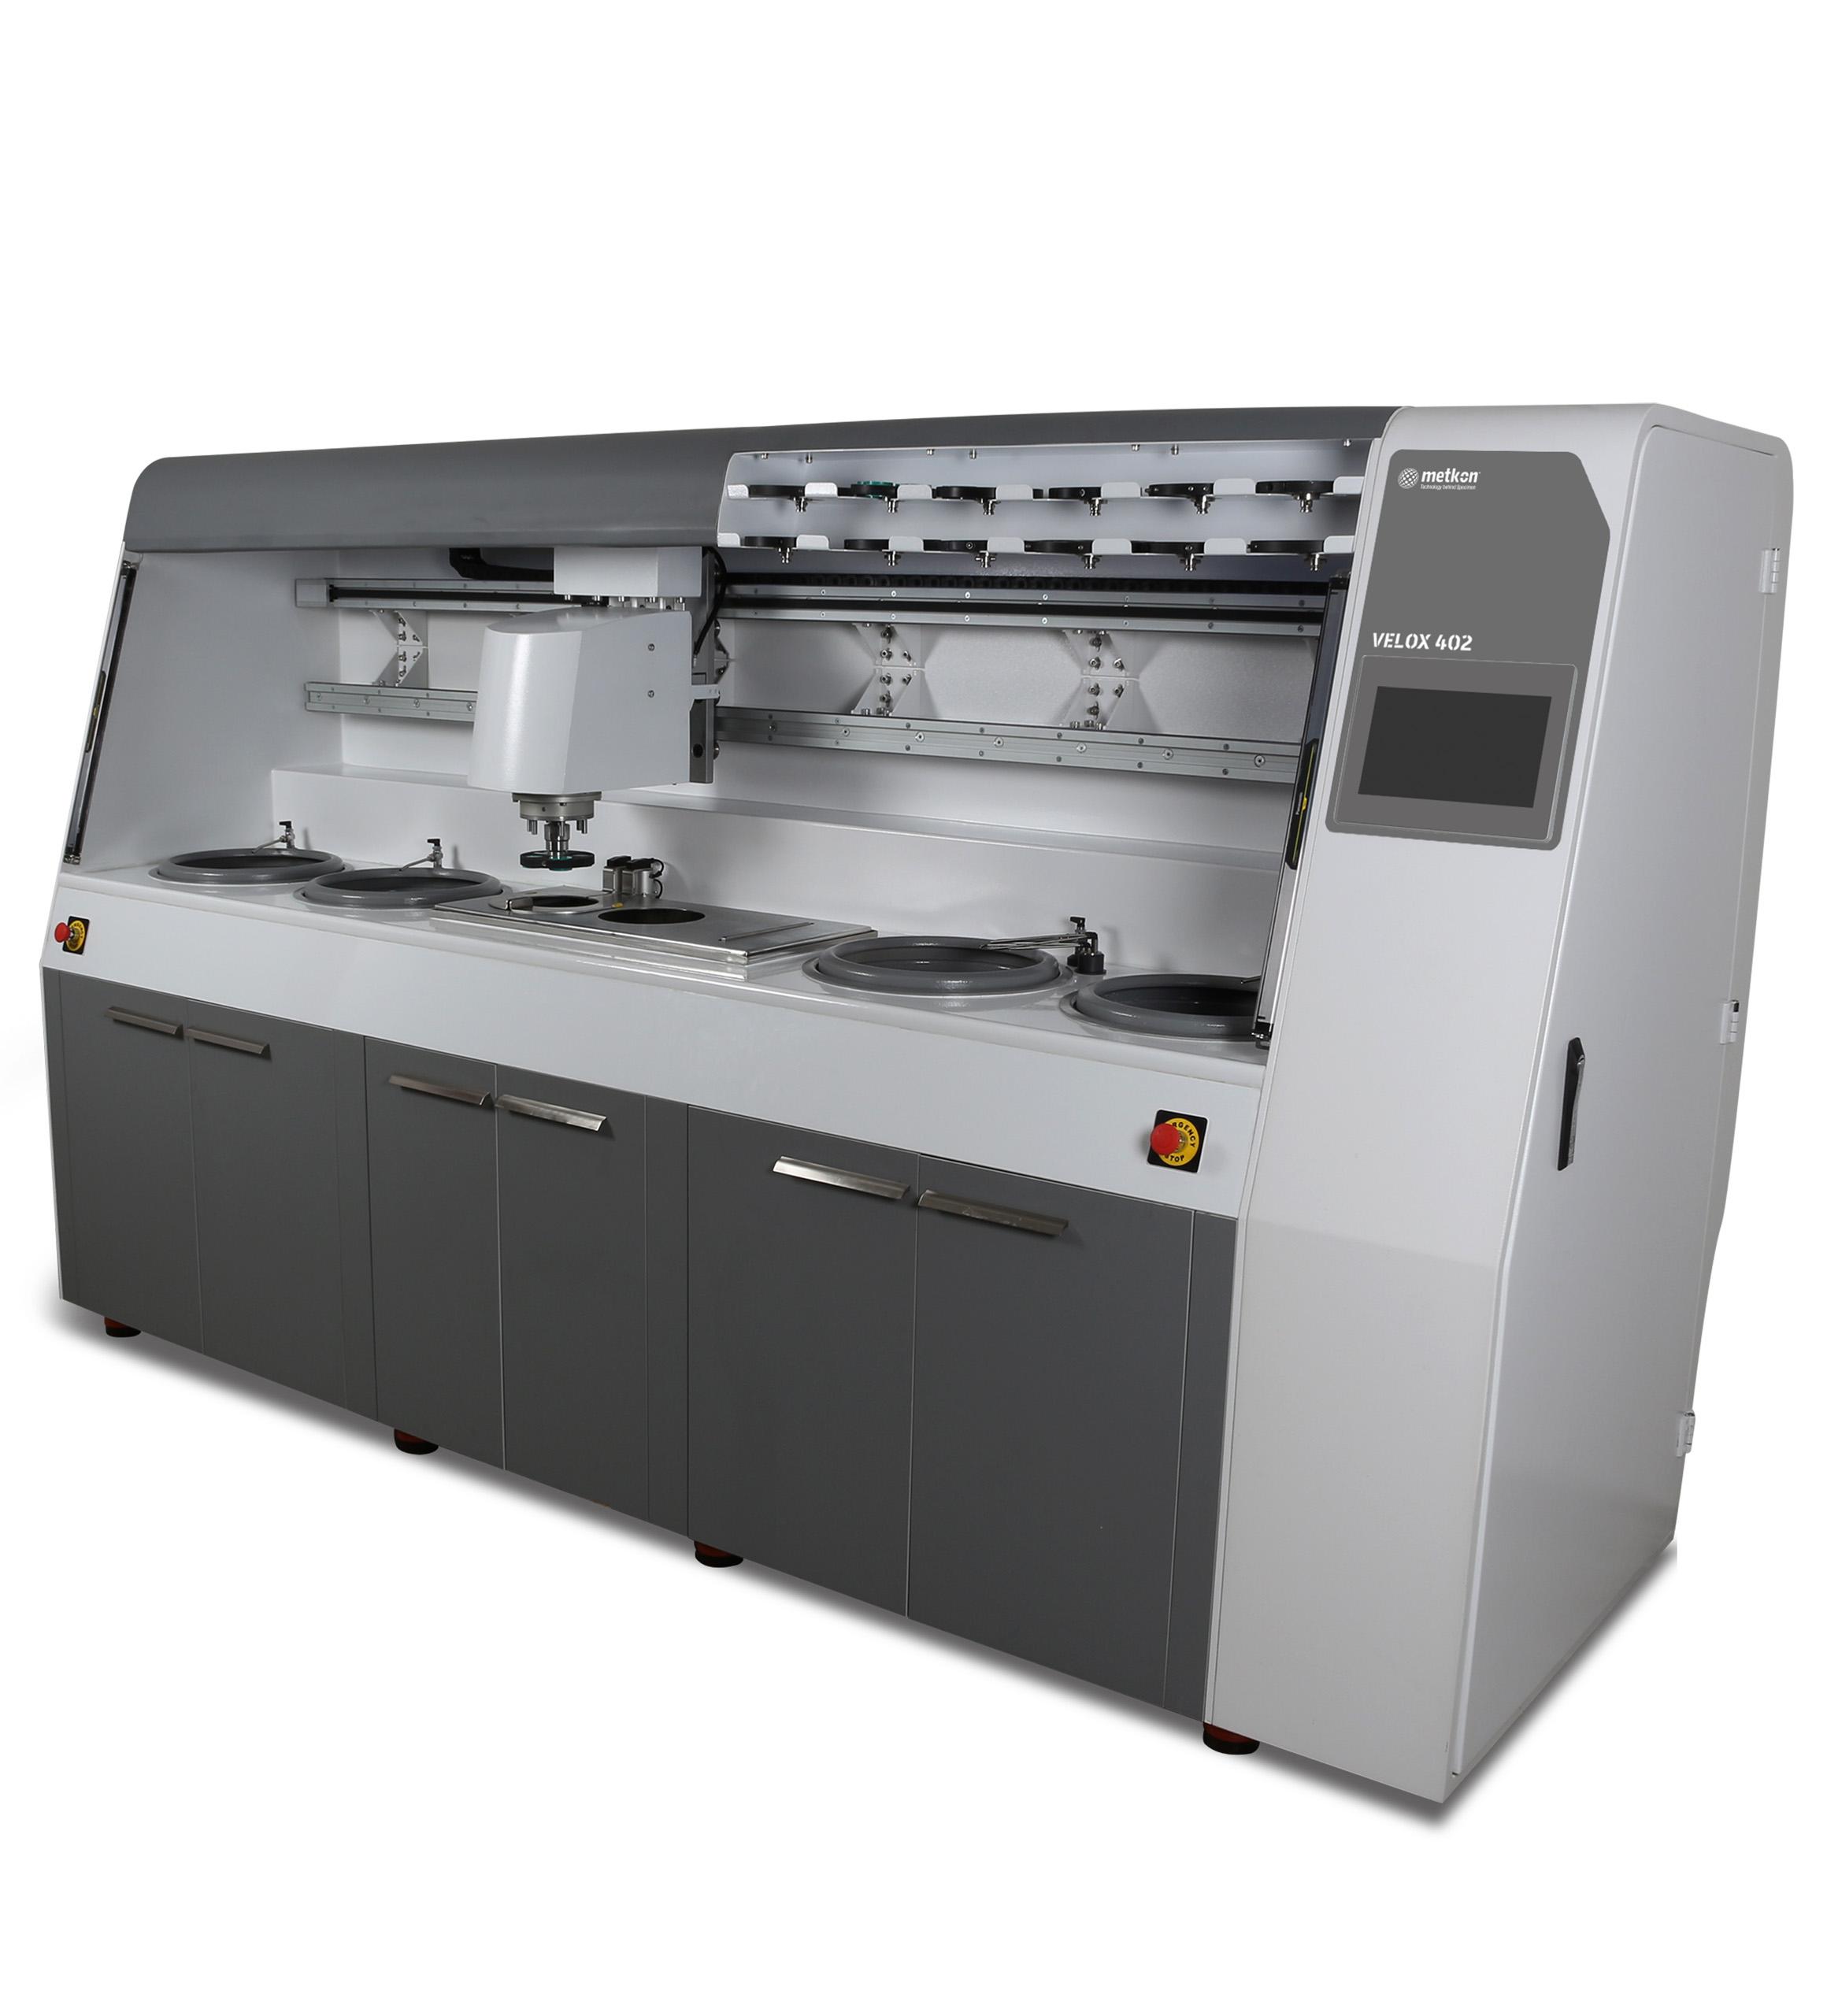 Velox 402 full automata programozható csiszoló-polírozó állomás